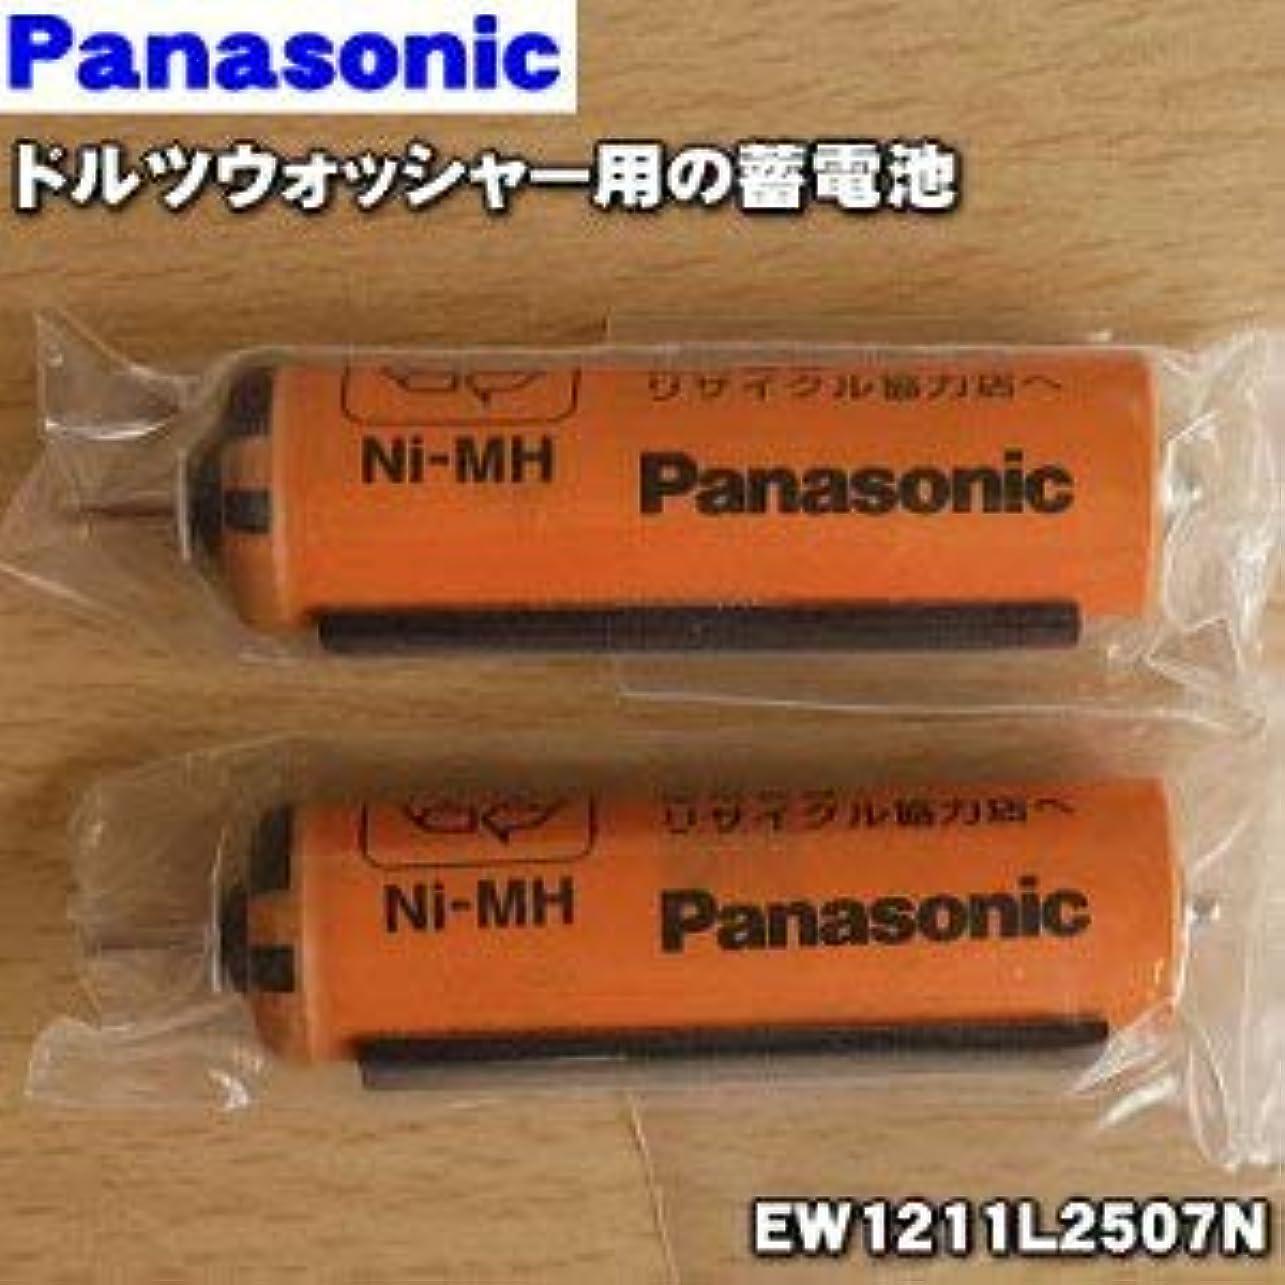 松の木添付突進パナソニック Panasonic 音波振動ハブラシ Doltz 蓄電池交換用蓄電池 EW1211L2507N